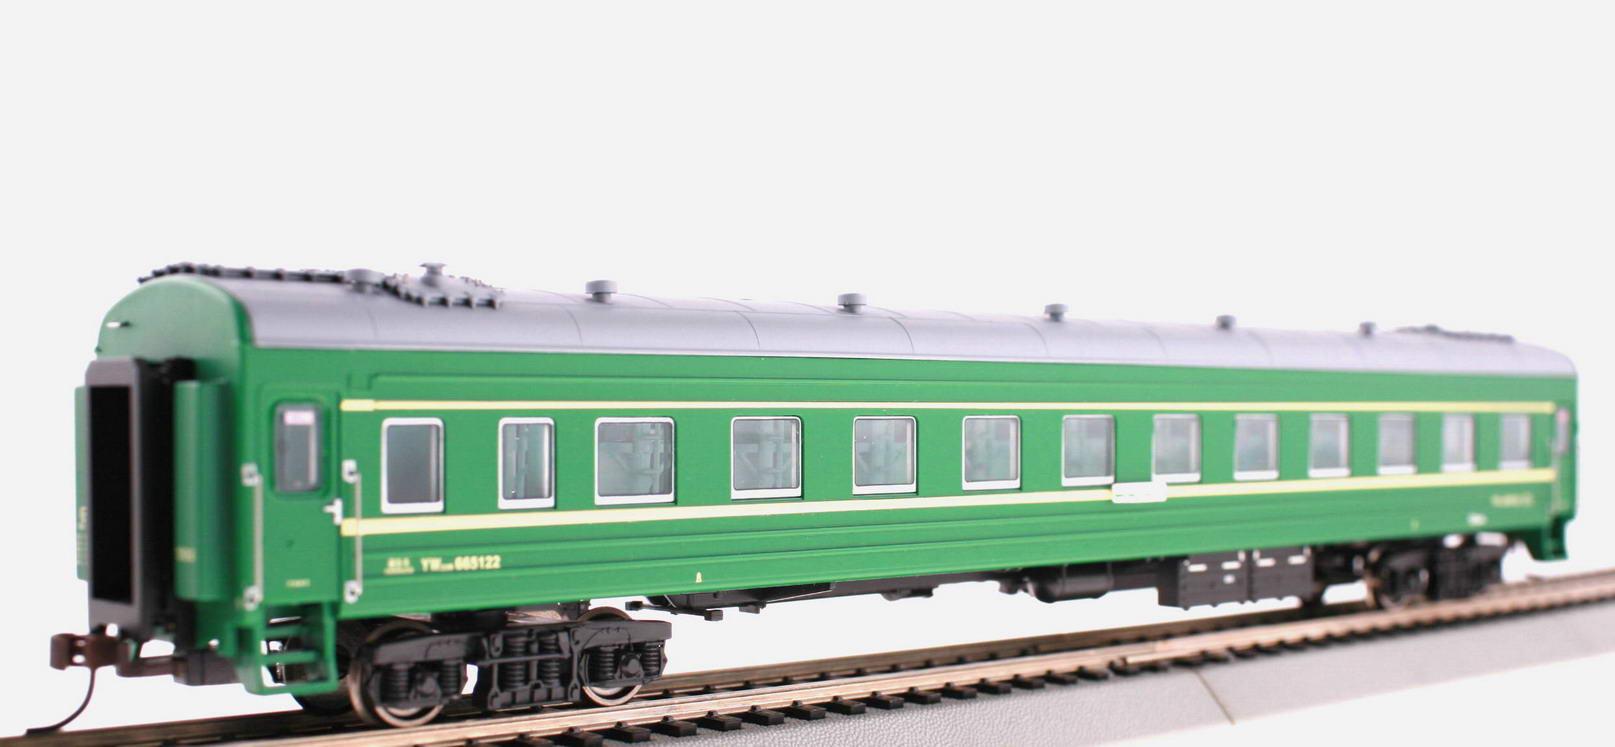 Bachmann-Spectrum CP00502-4 - Passenger Sleeper, green, Cina Nat Railways.1